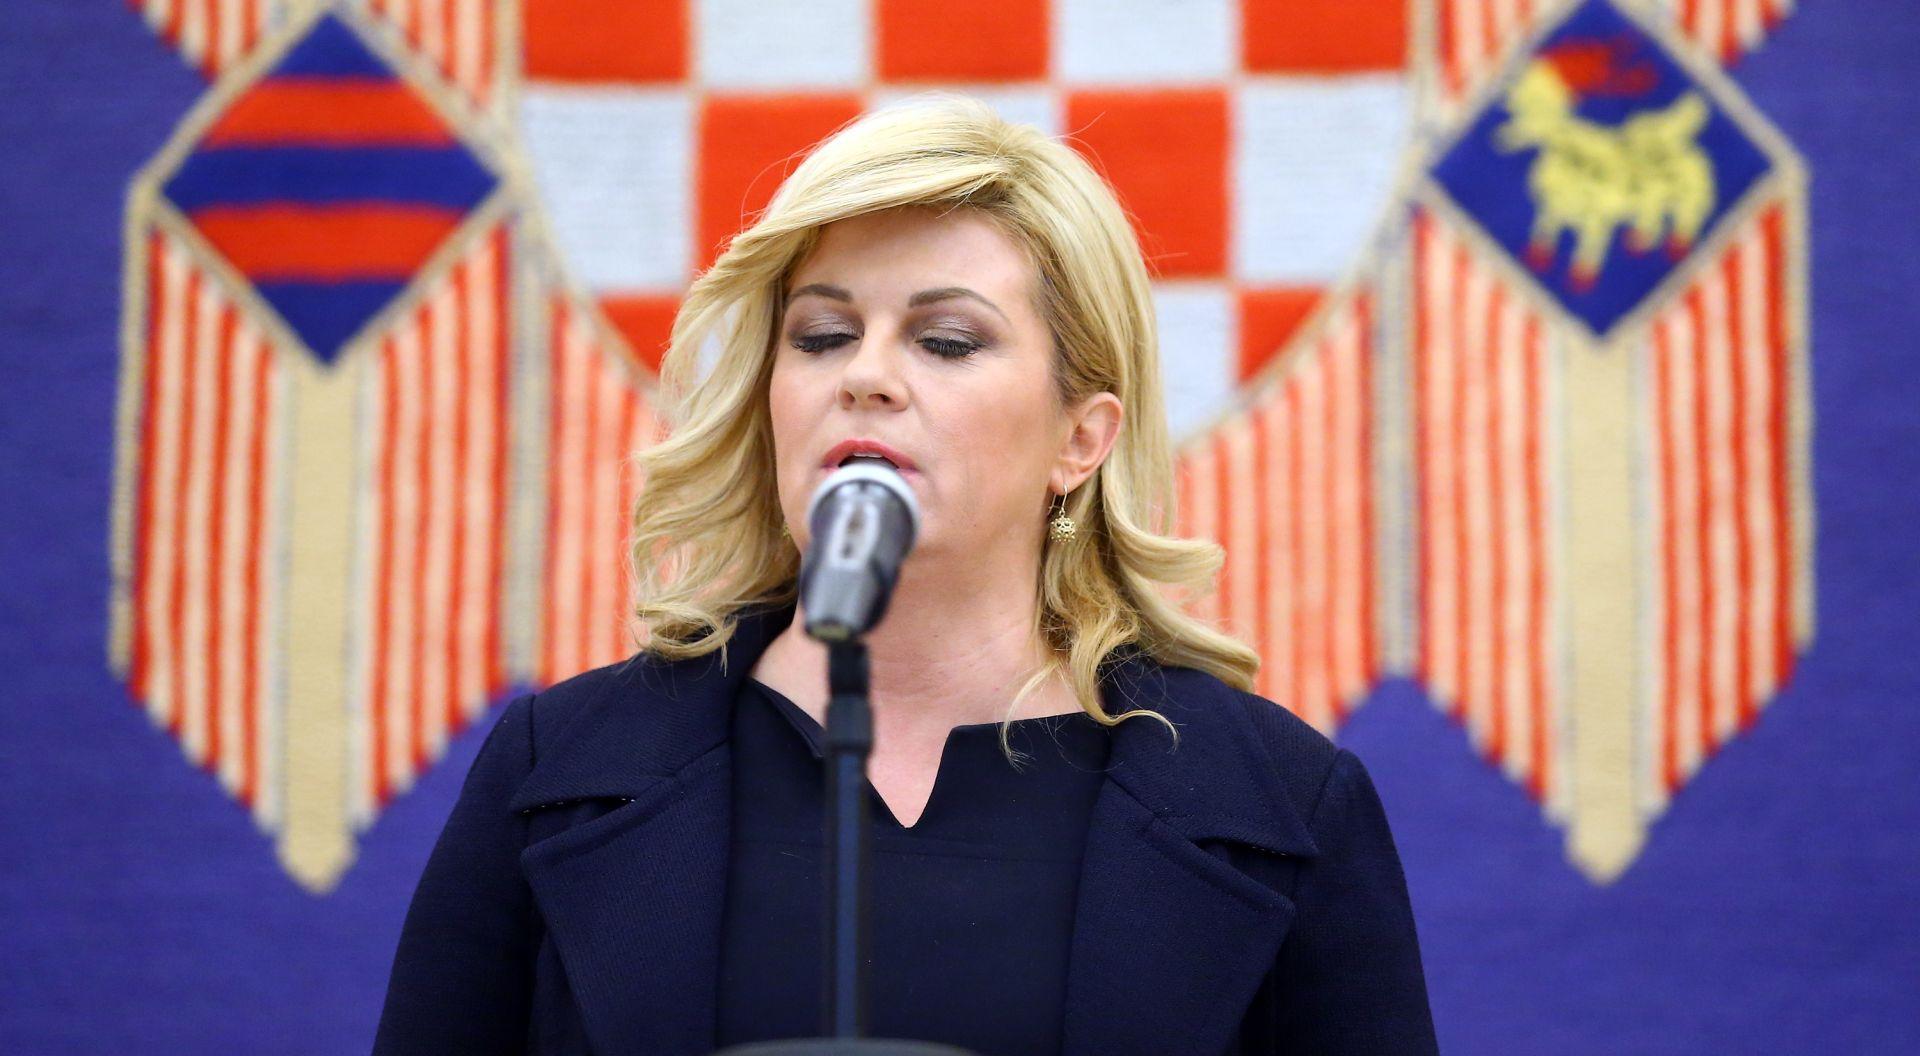 """GRABAR KITAROVIĆ KRATKA I JASNA """"Sutra ćemo ili imati mandatara ili ću raspisati nove izbore"""""""